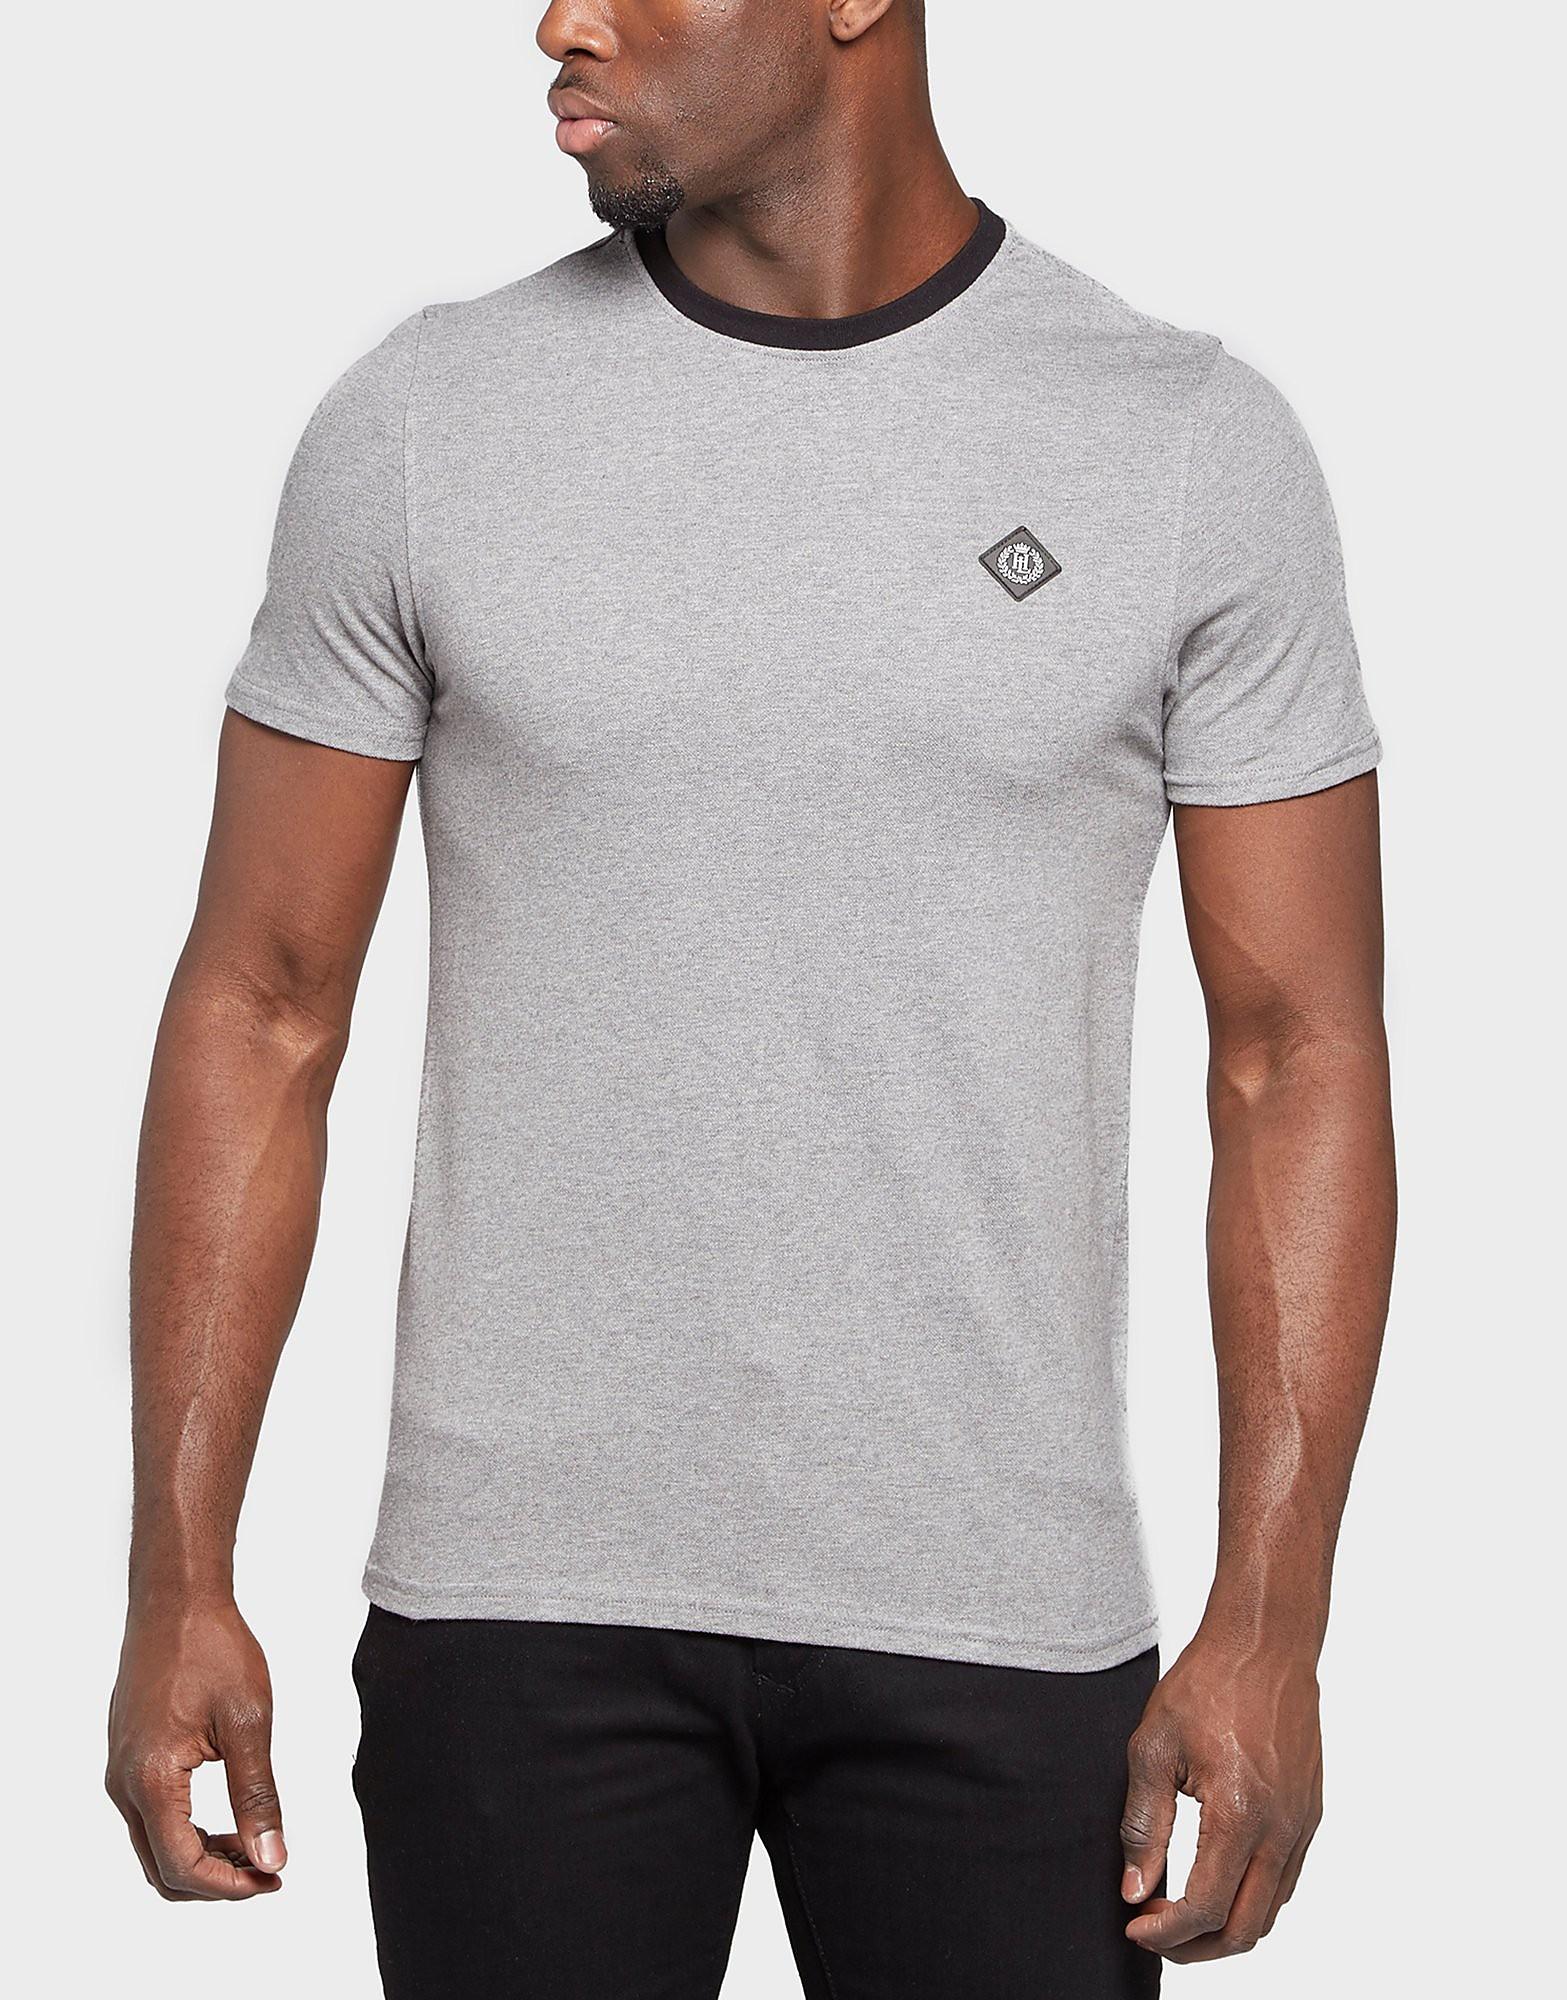 Henri Lloyd Black Marlin TShirt  Grey Grey